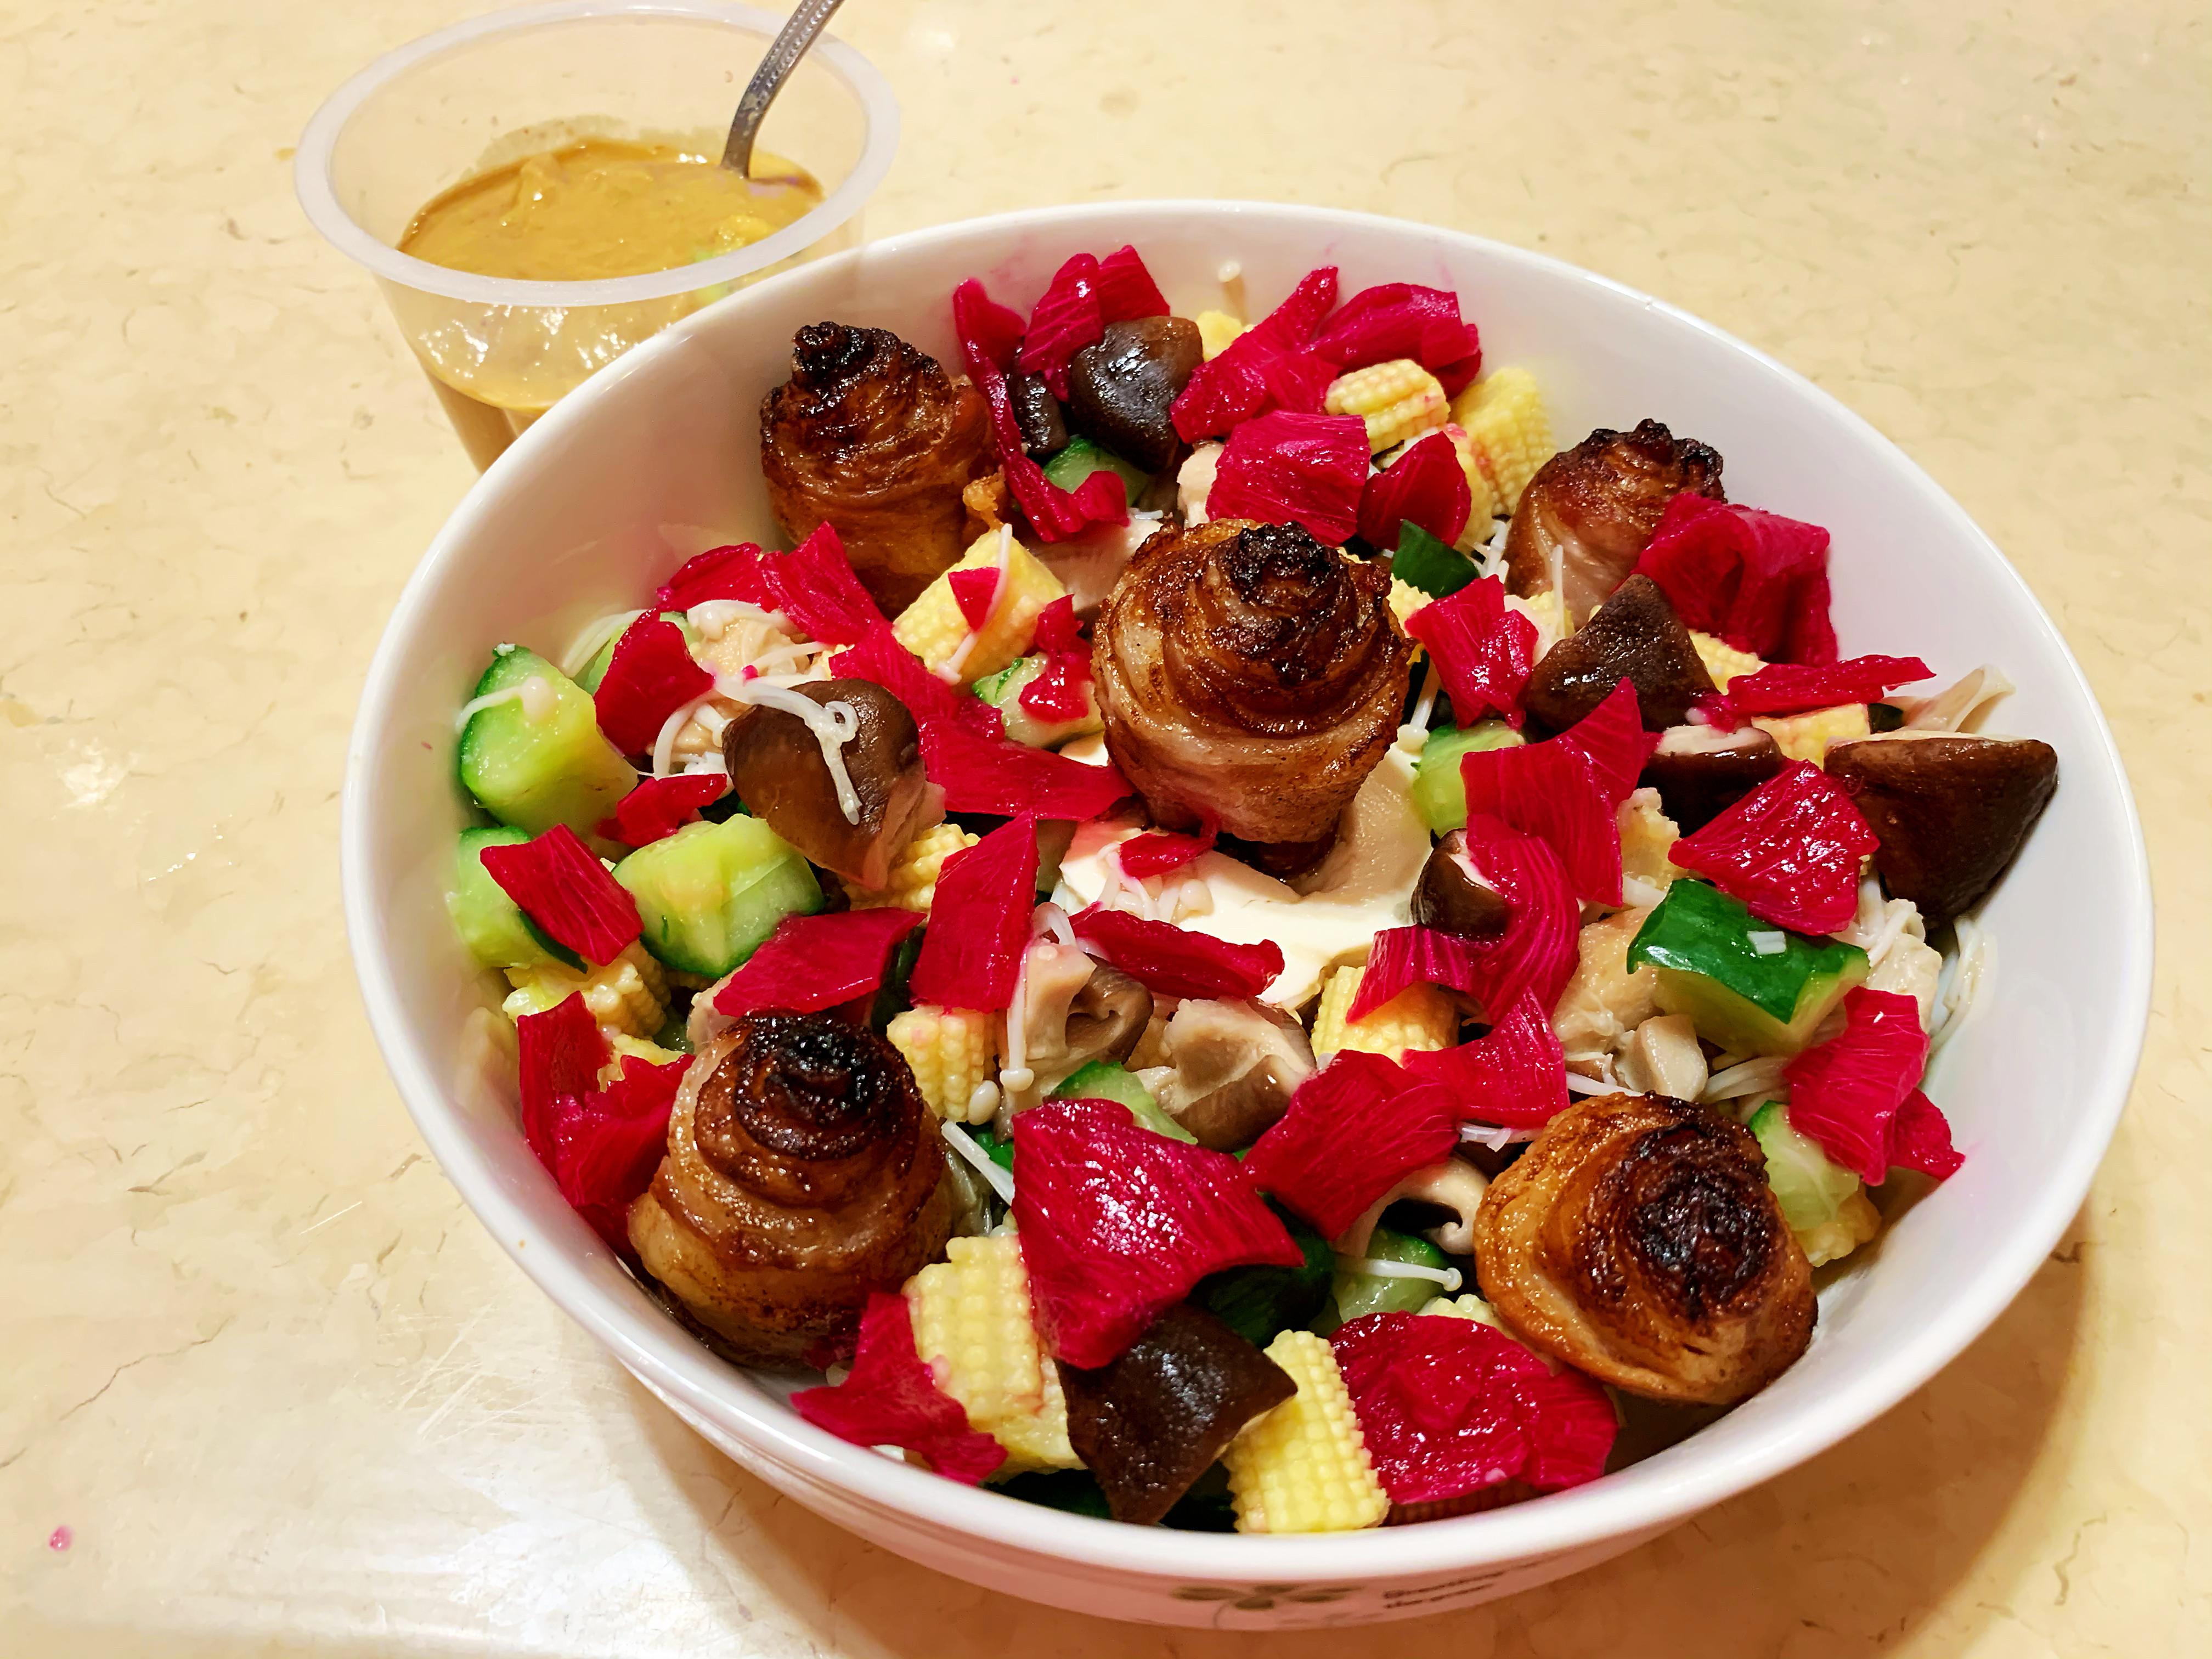 烤五花肉卷佐酪梨醬蔬菜沙拉